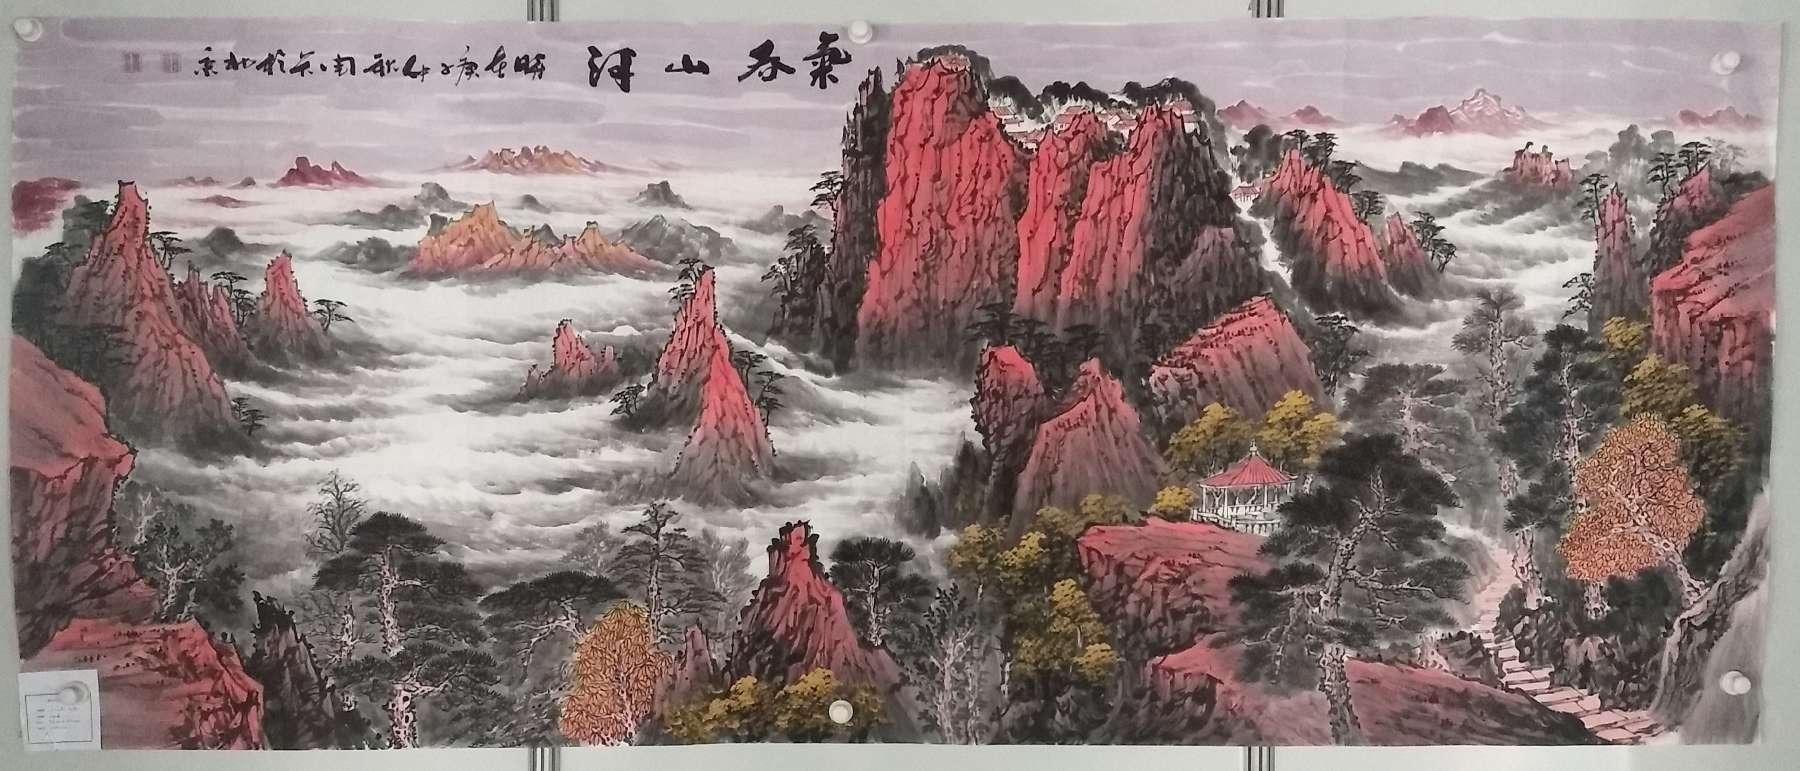 气吞山河 名人字画